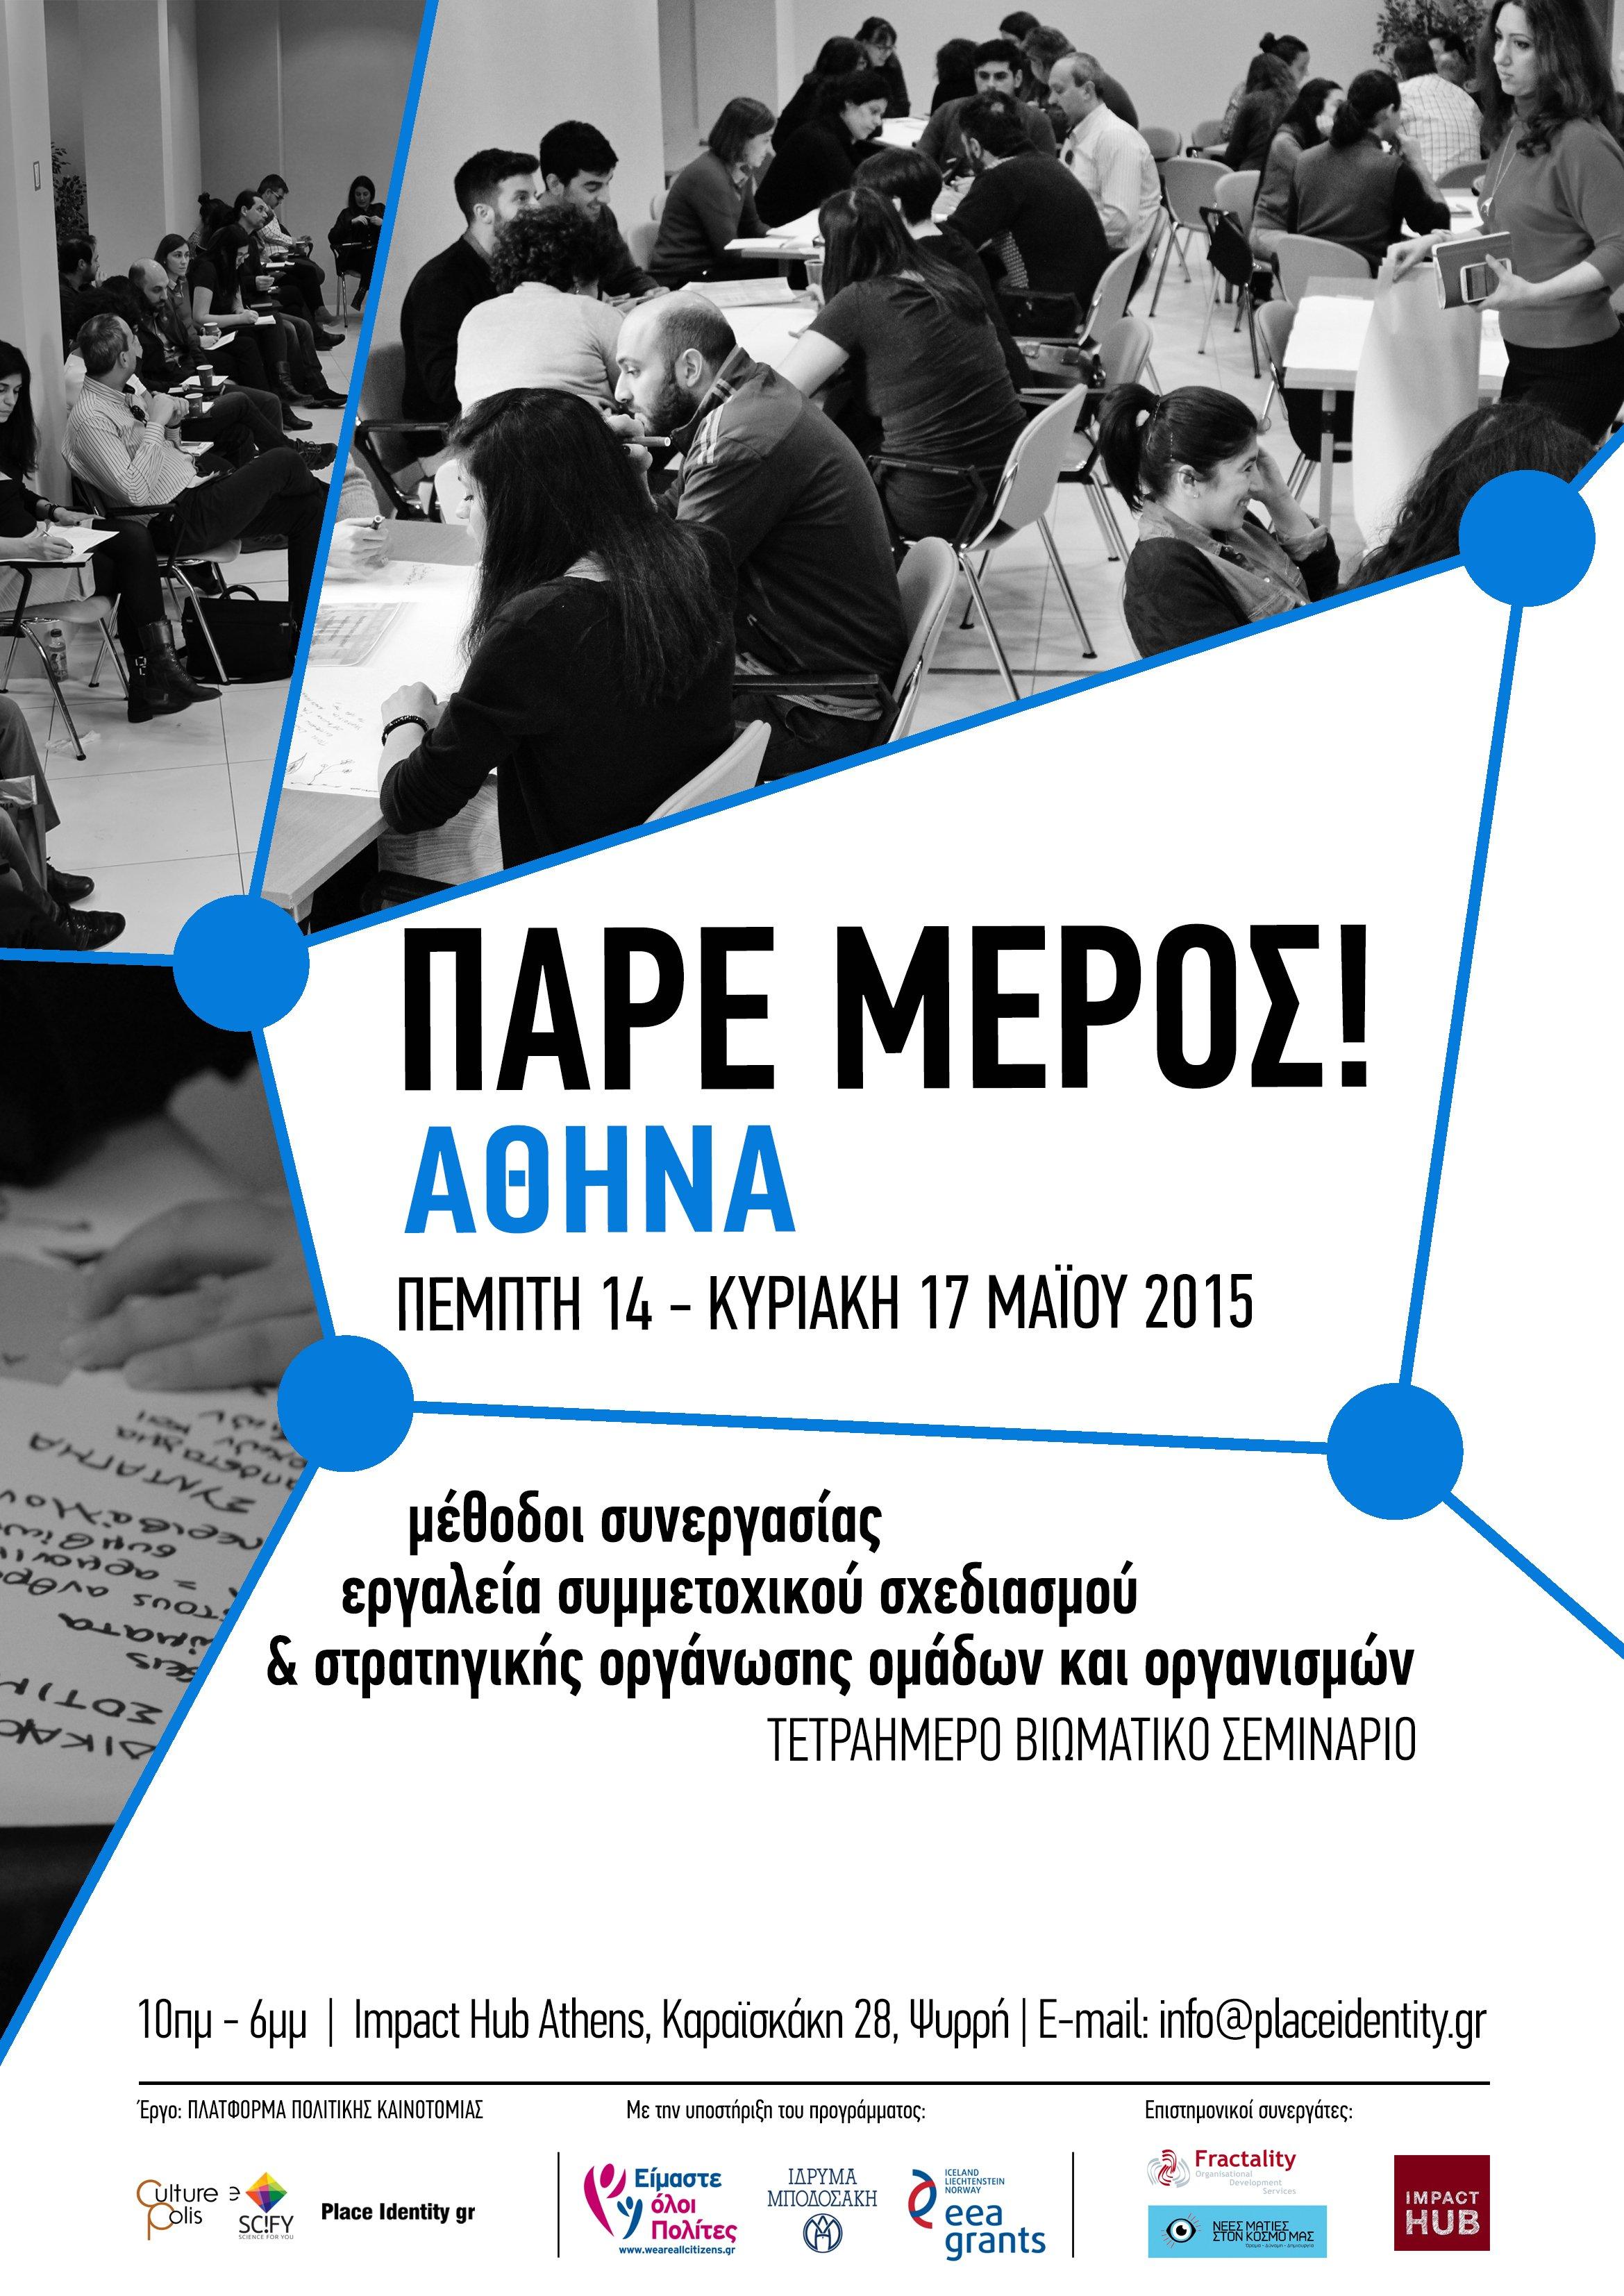 Η Αθήνα πήρε μέρος! Εκπαίδευση σε μεθόδους συμμετοχικού σχεδιασμού & συνεργασίας